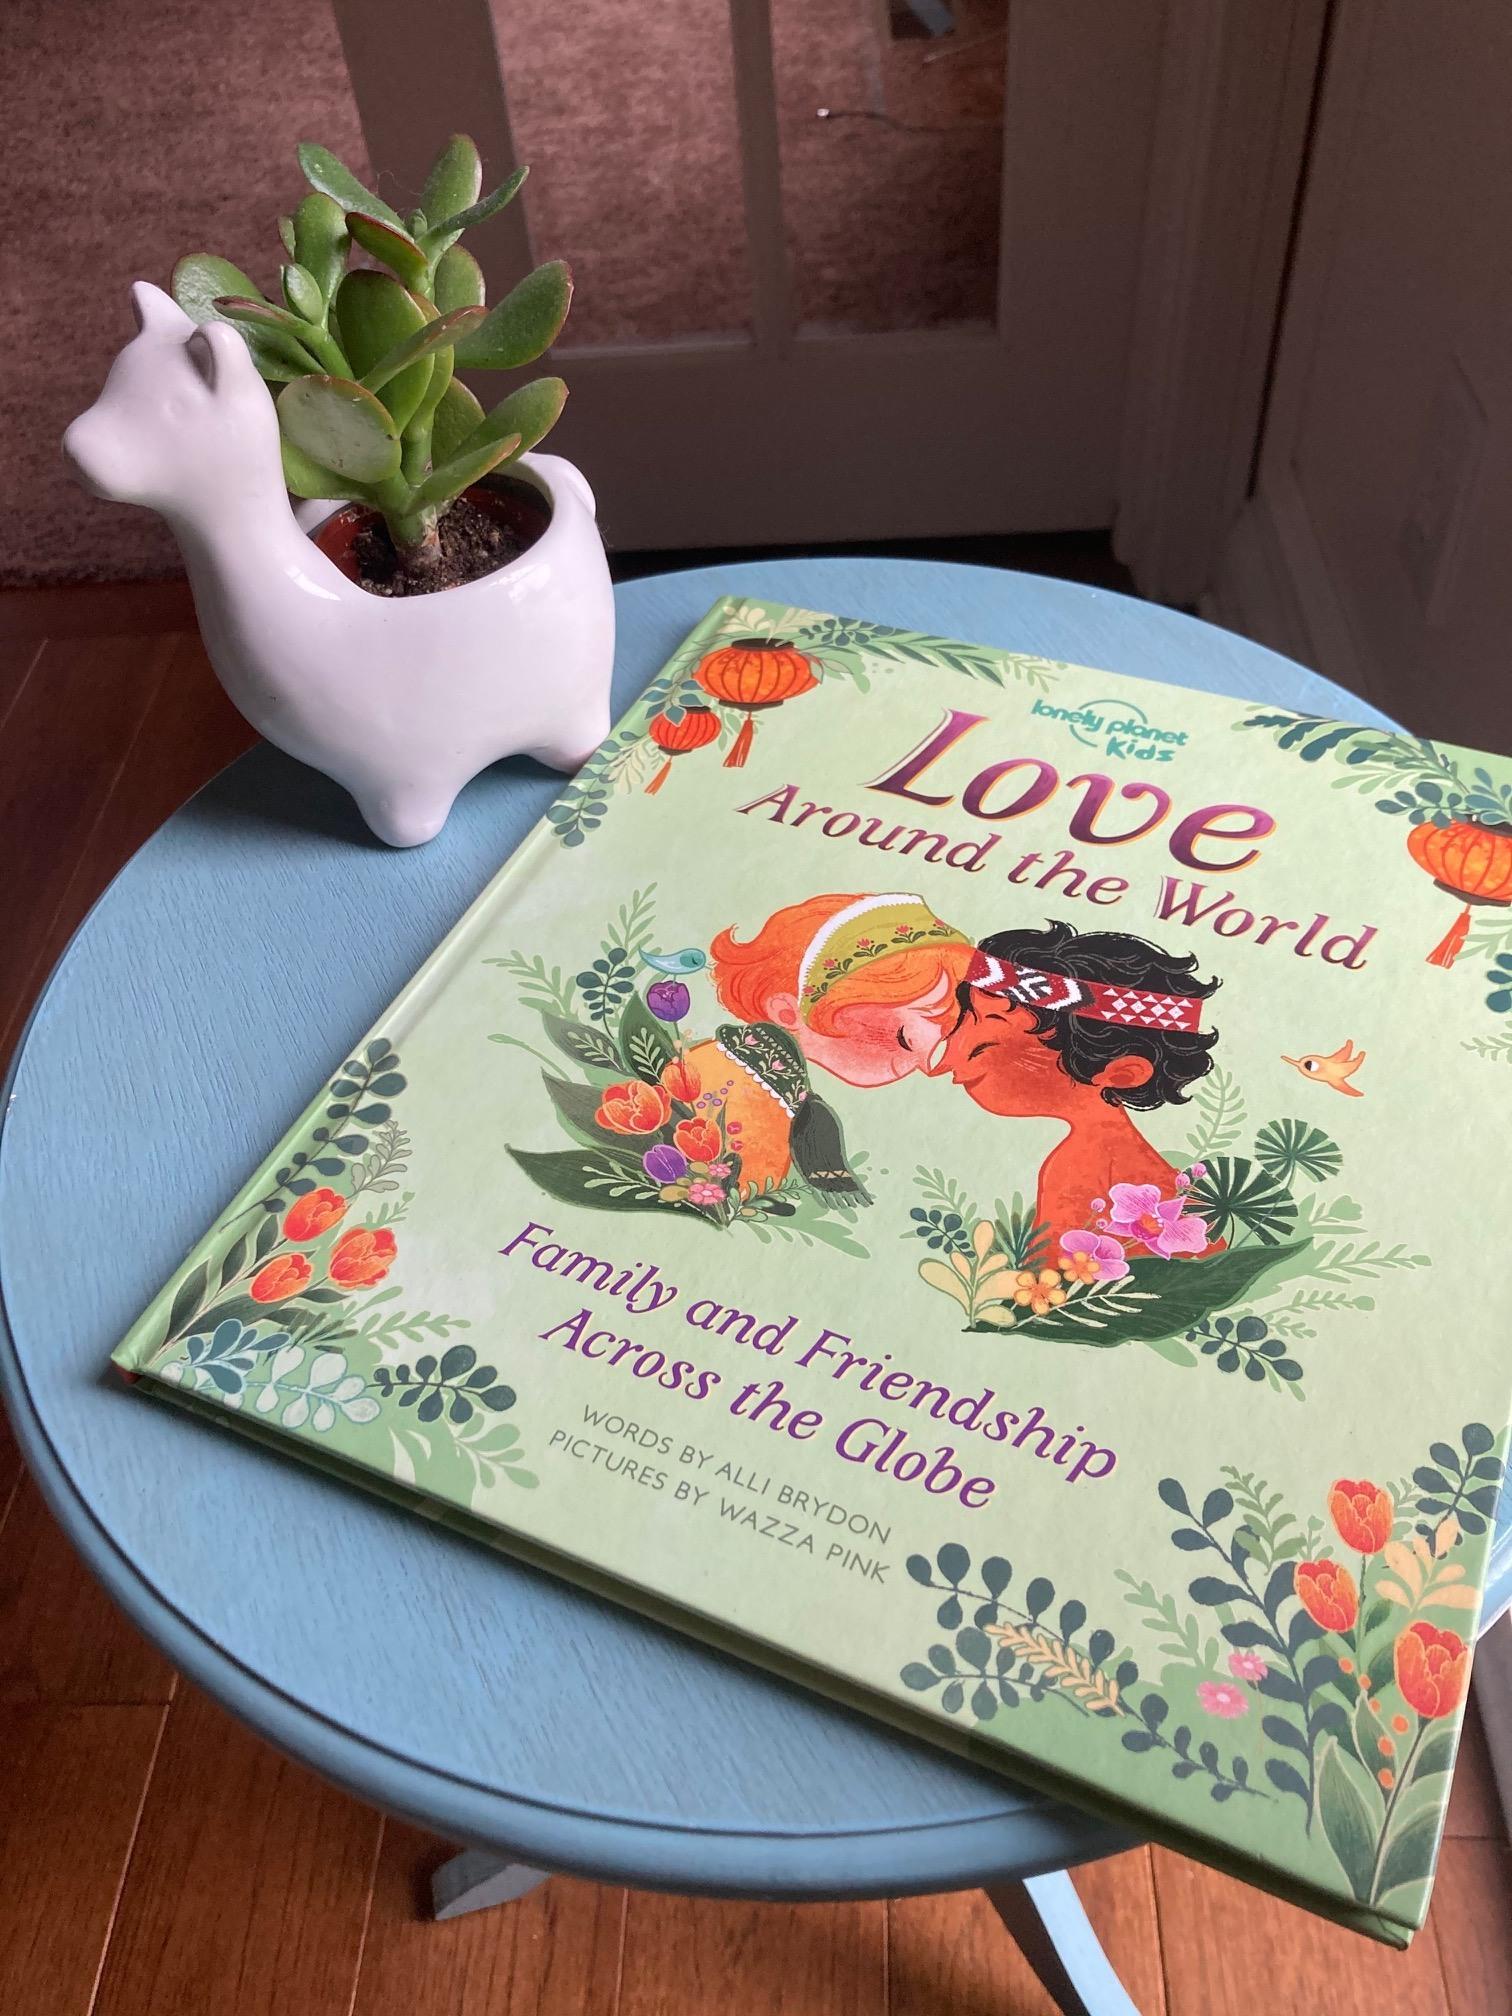 Love Around the World Book Photo 1